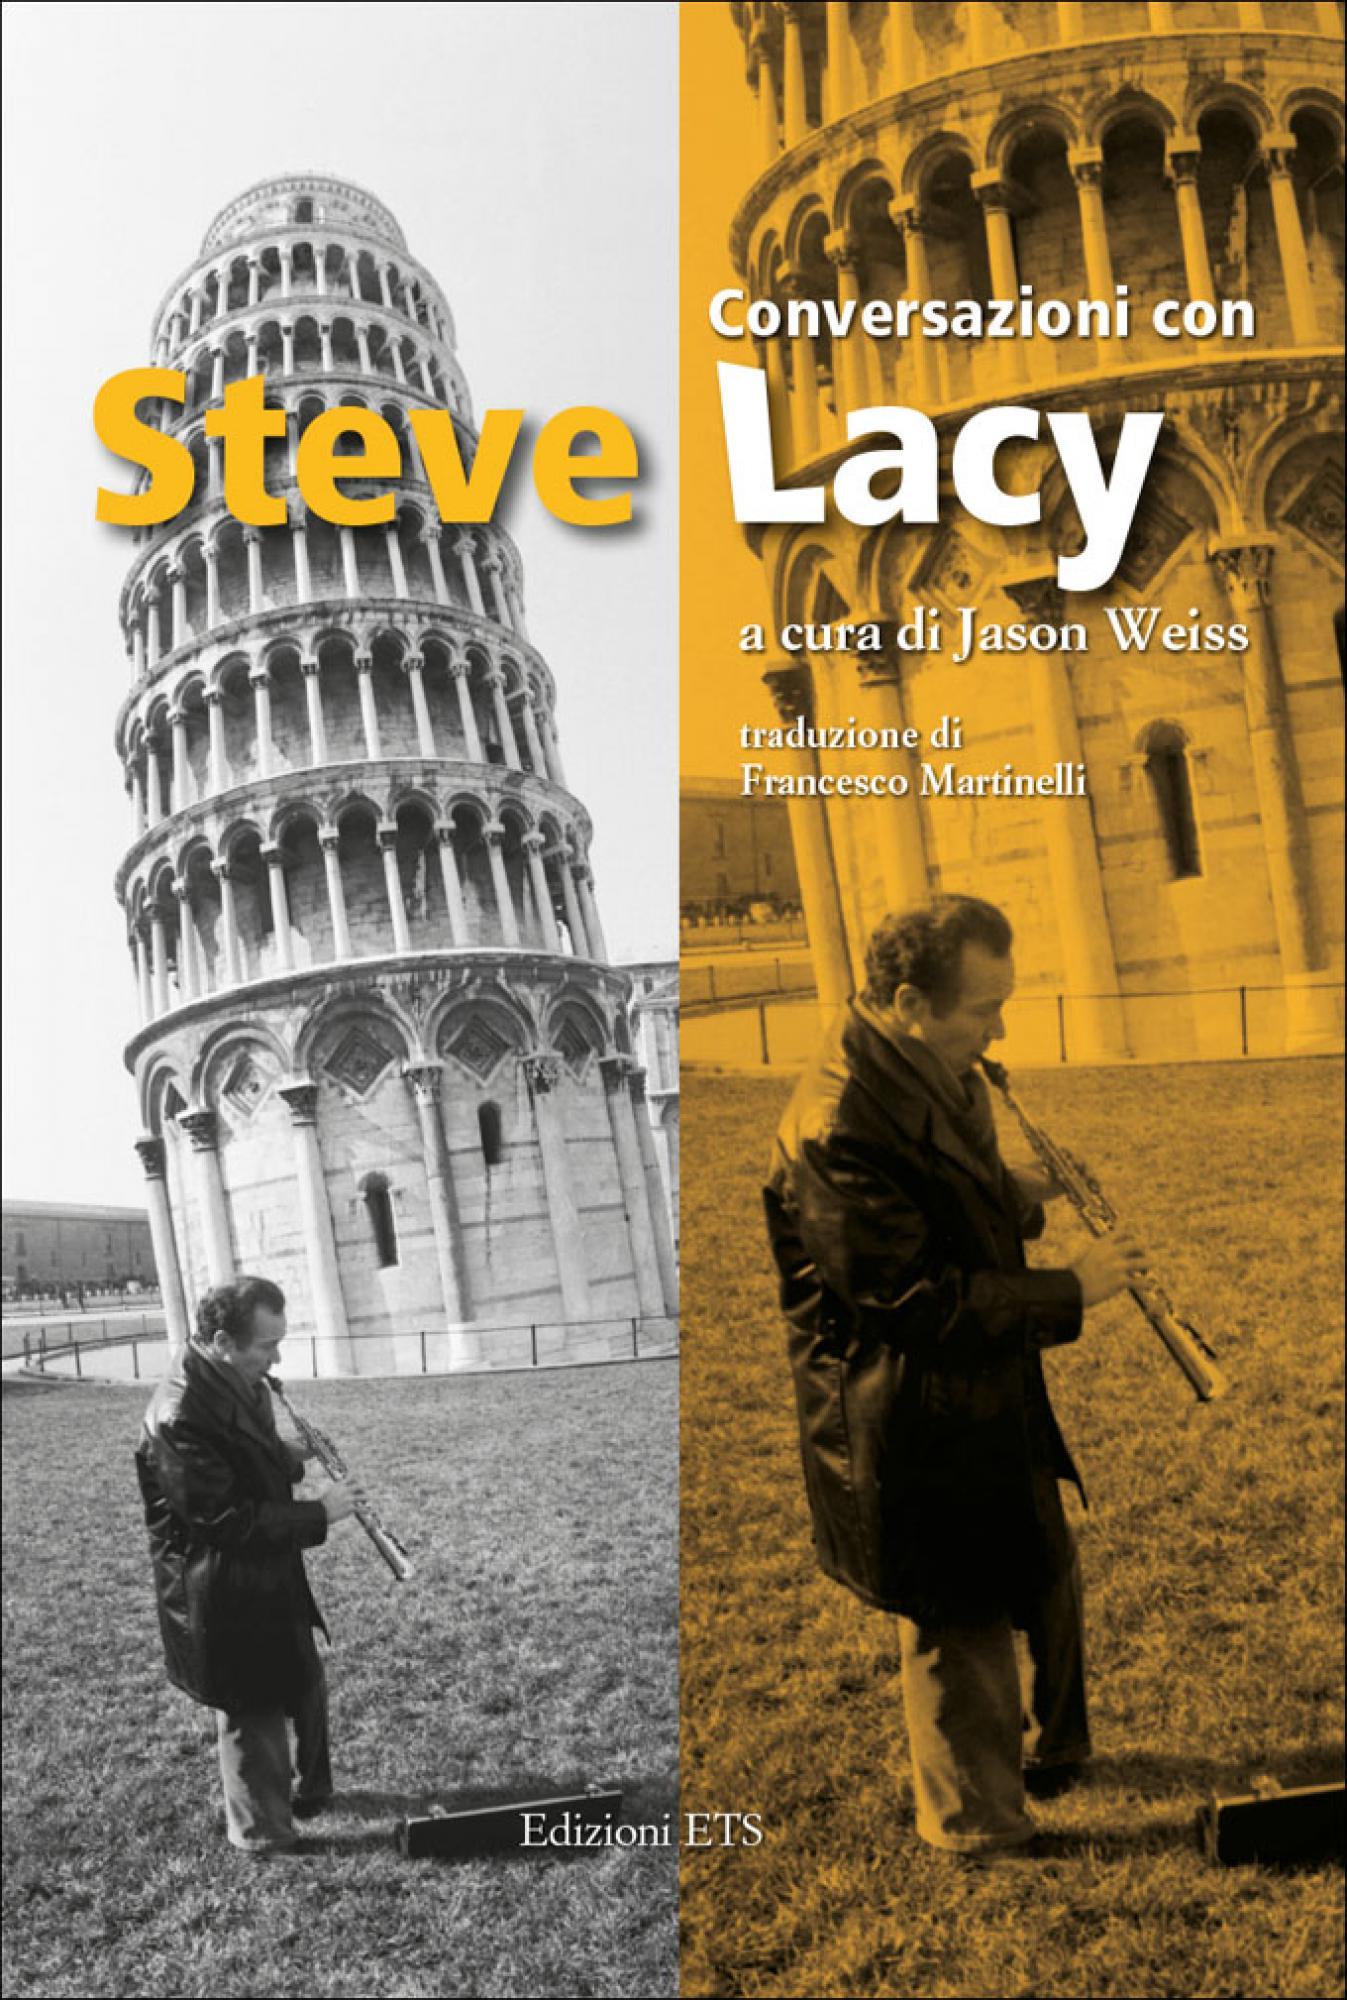 Conversazioni con Steve Lacy